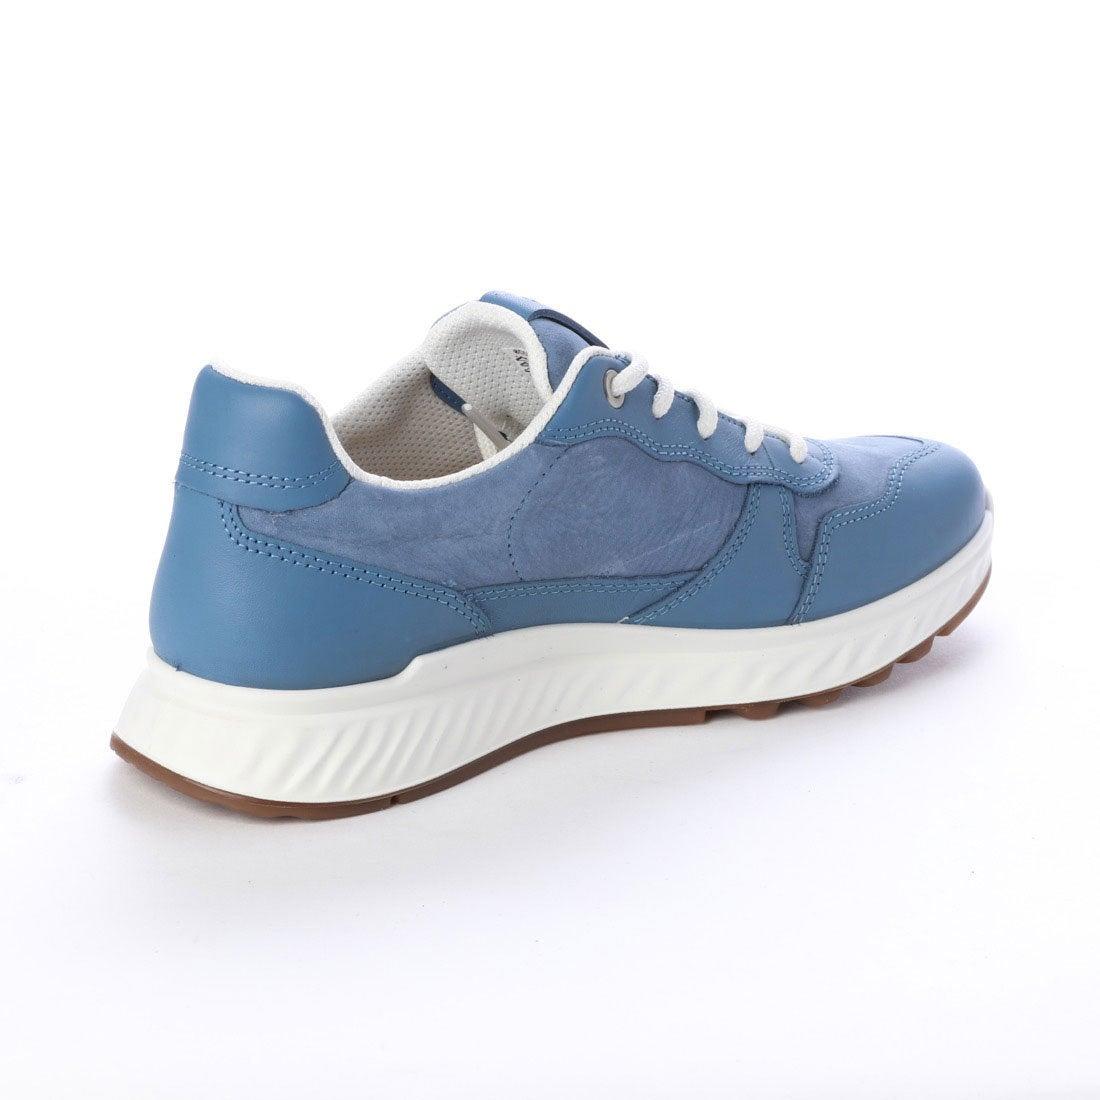 エコー ECCO ST.1 W Shoe (RETRO BLUE